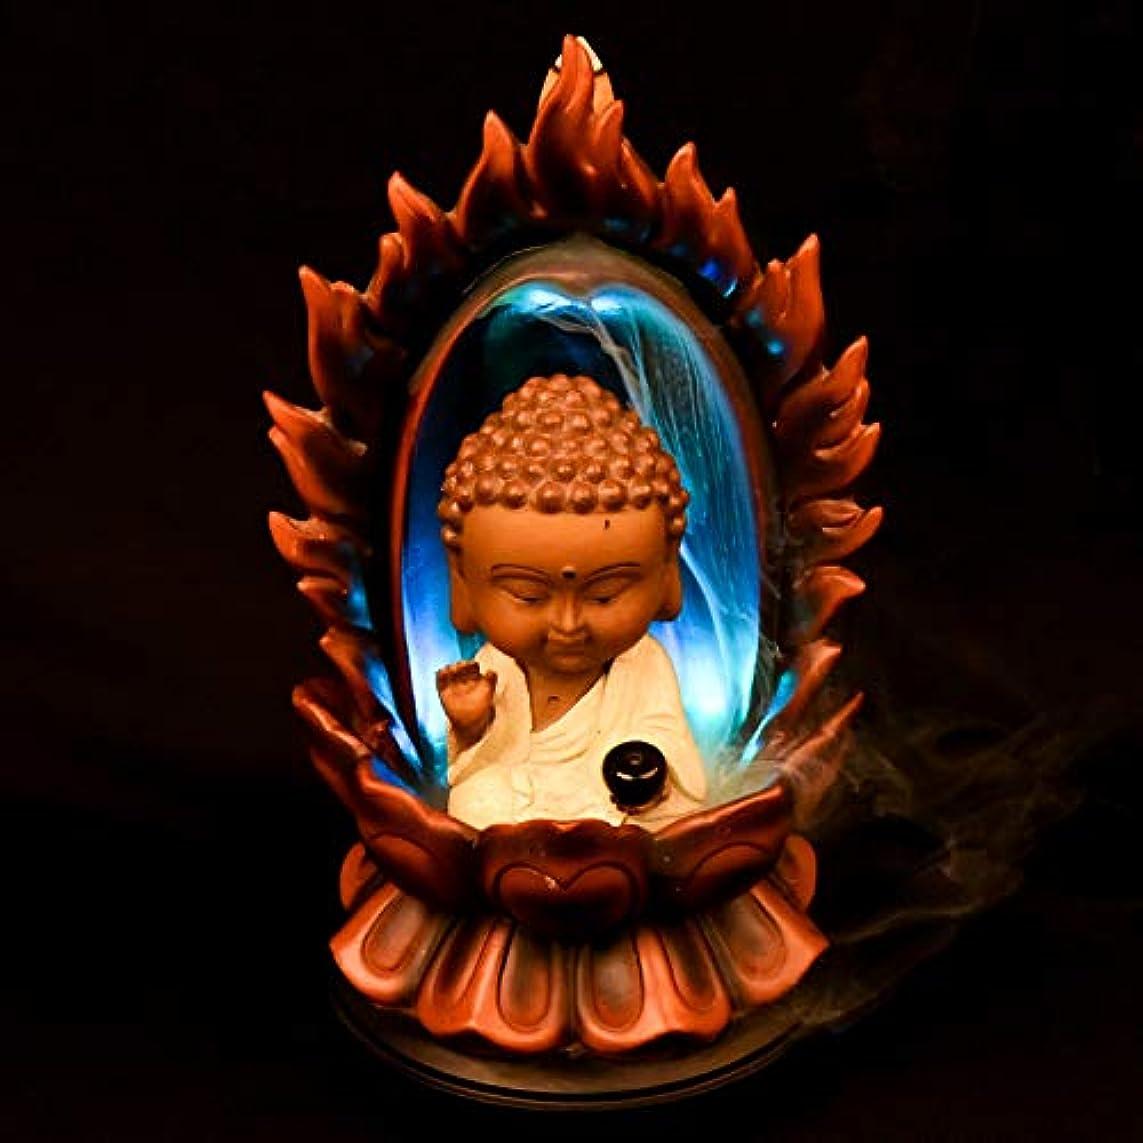 致命的殺人深遠PHILOGOD 樹脂逆流香 パーソナリティスタイリング仏壇用香炉/香立て お香 ホルダー ホームデコレーション